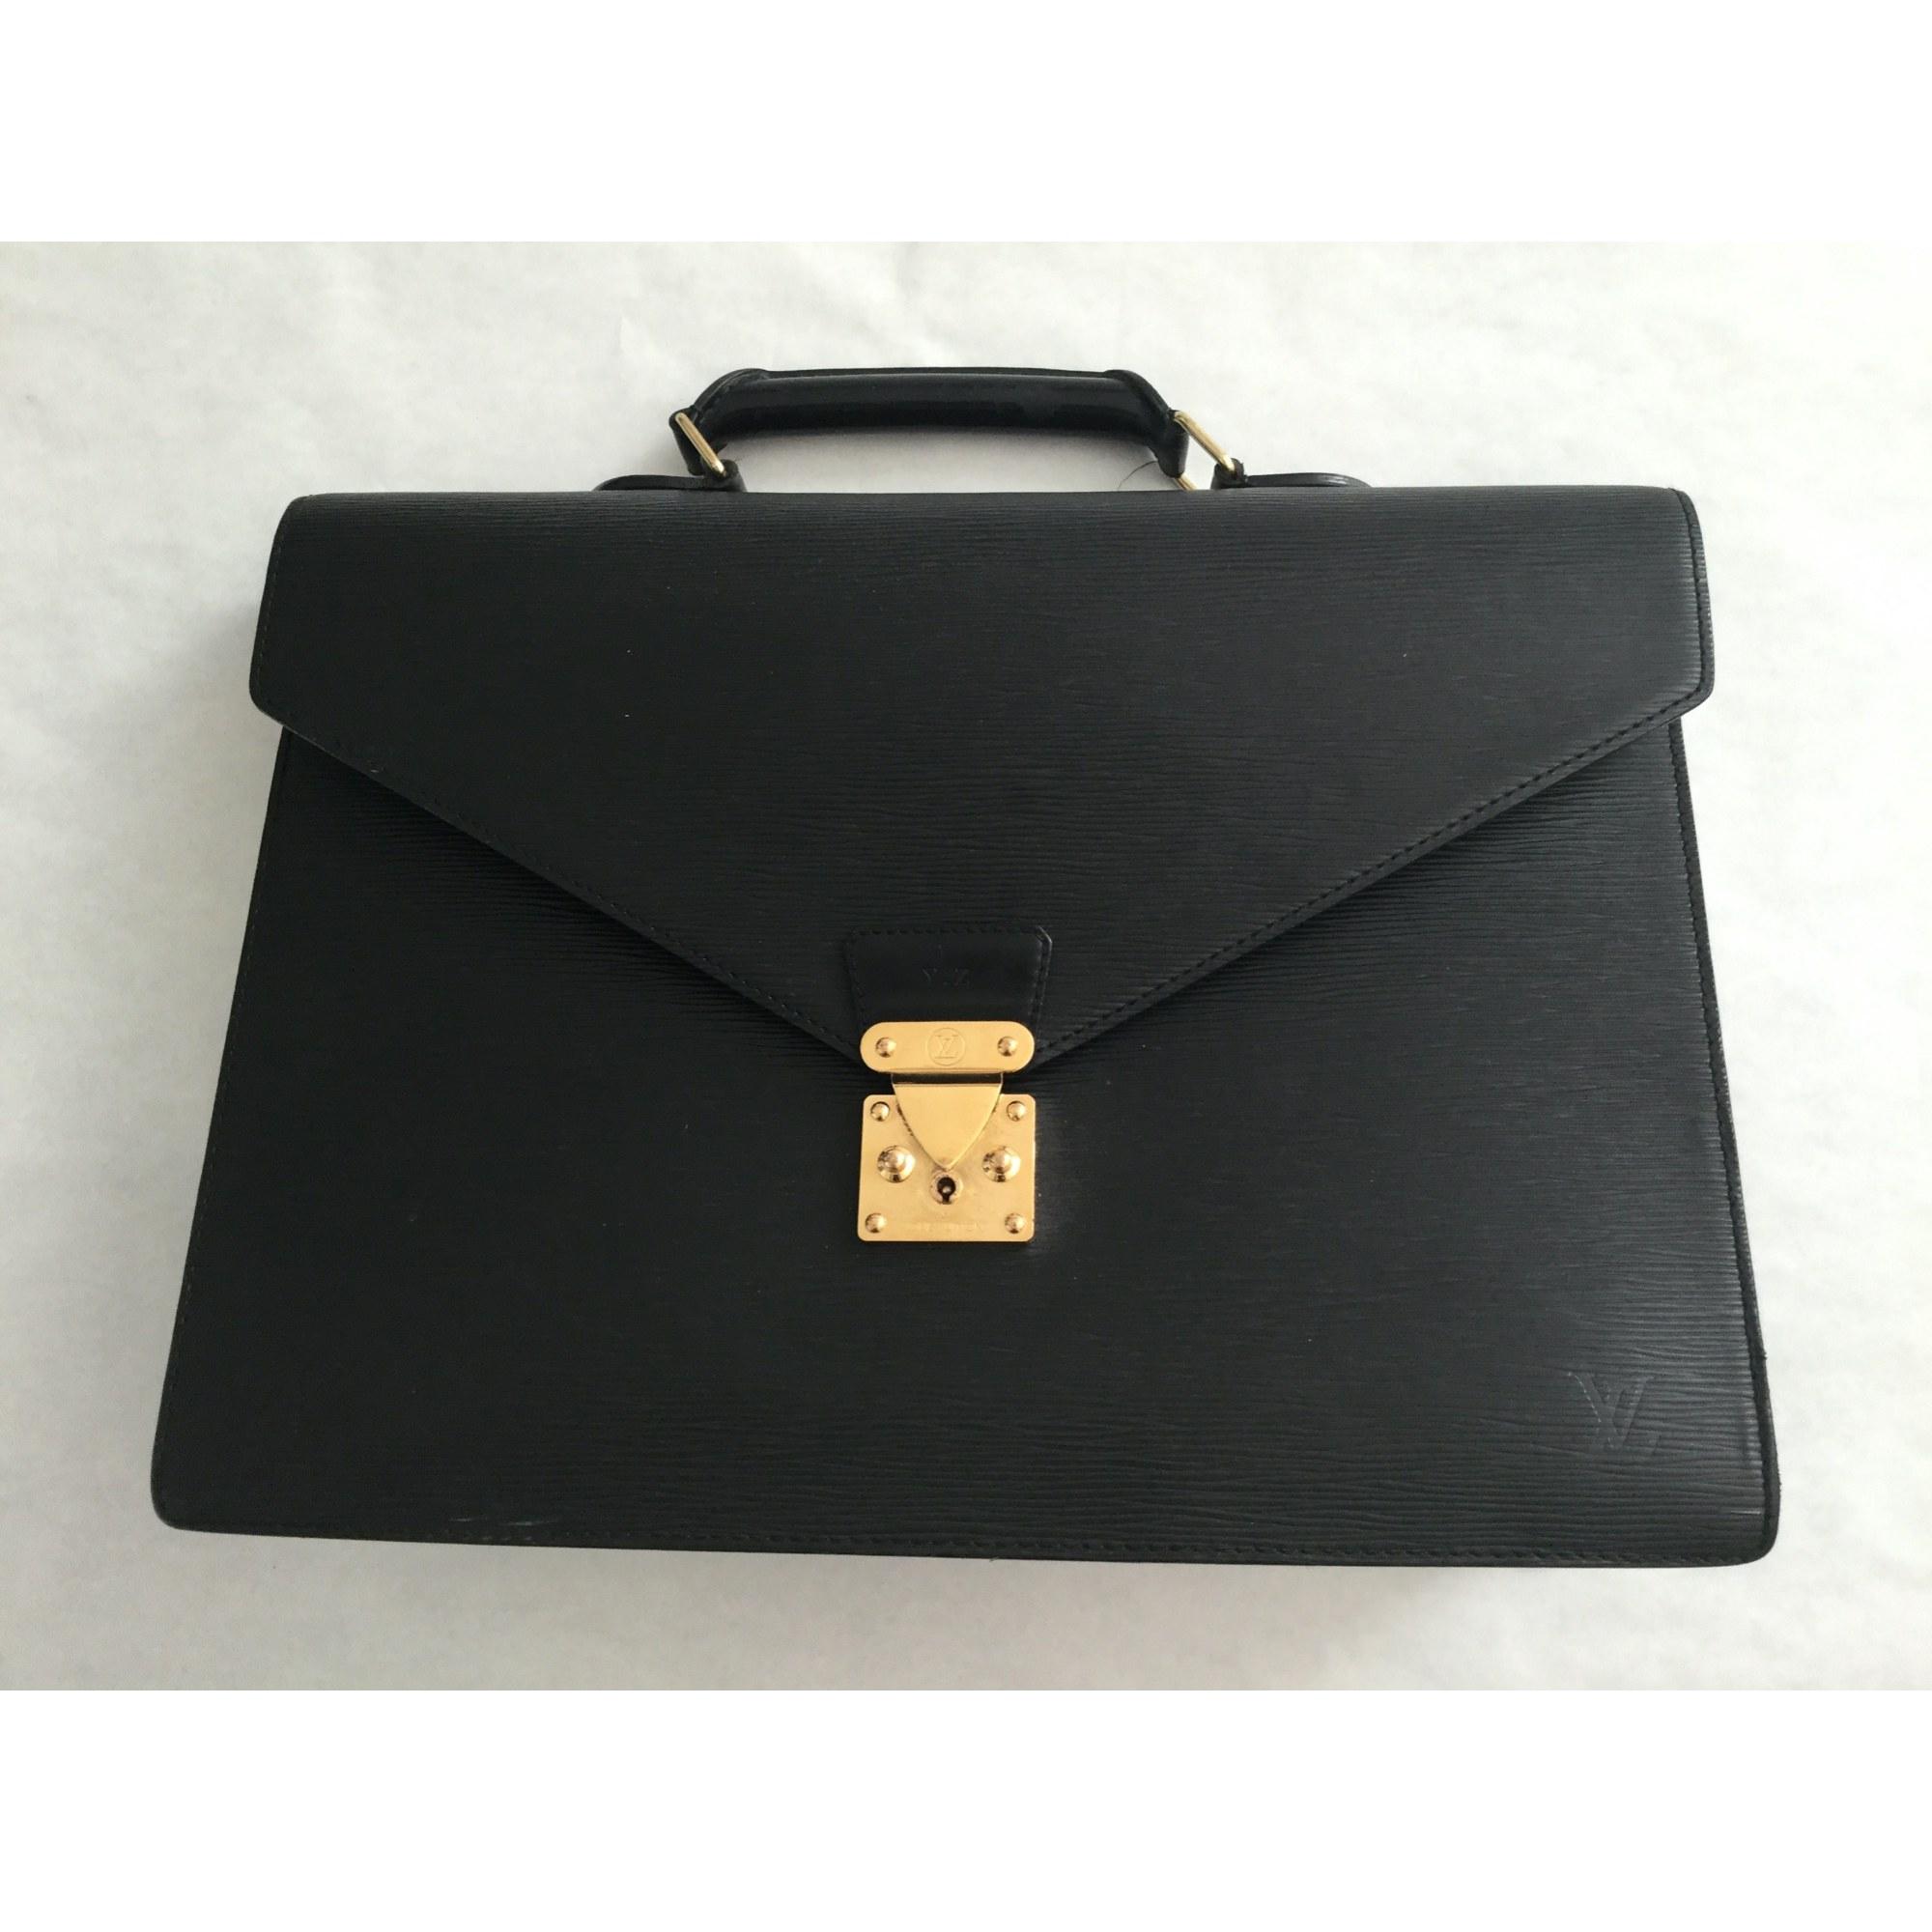 Porte document, serviette LOUIS VUITTON Noir